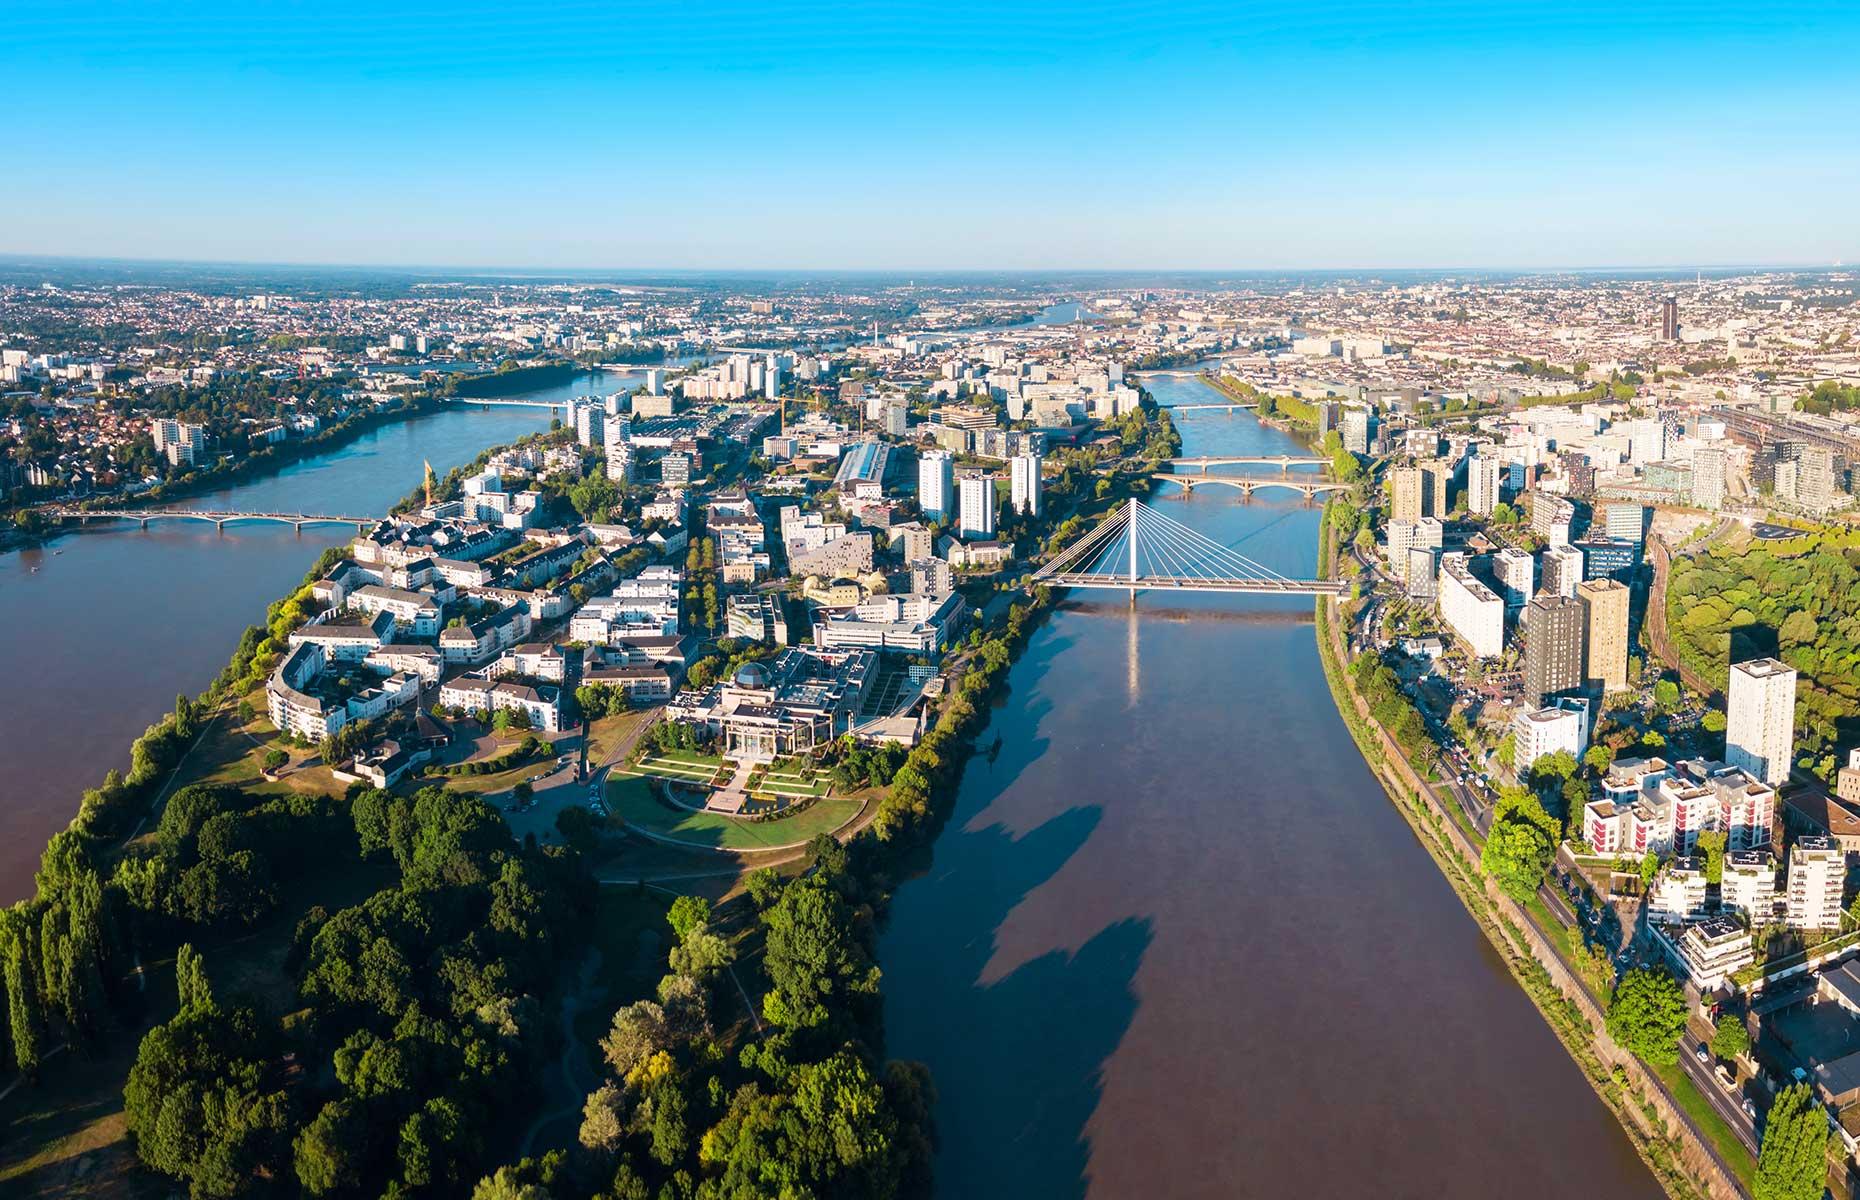 Ils Des Nantes, on the river Loire (Image: saiko3p/Shutterstock)